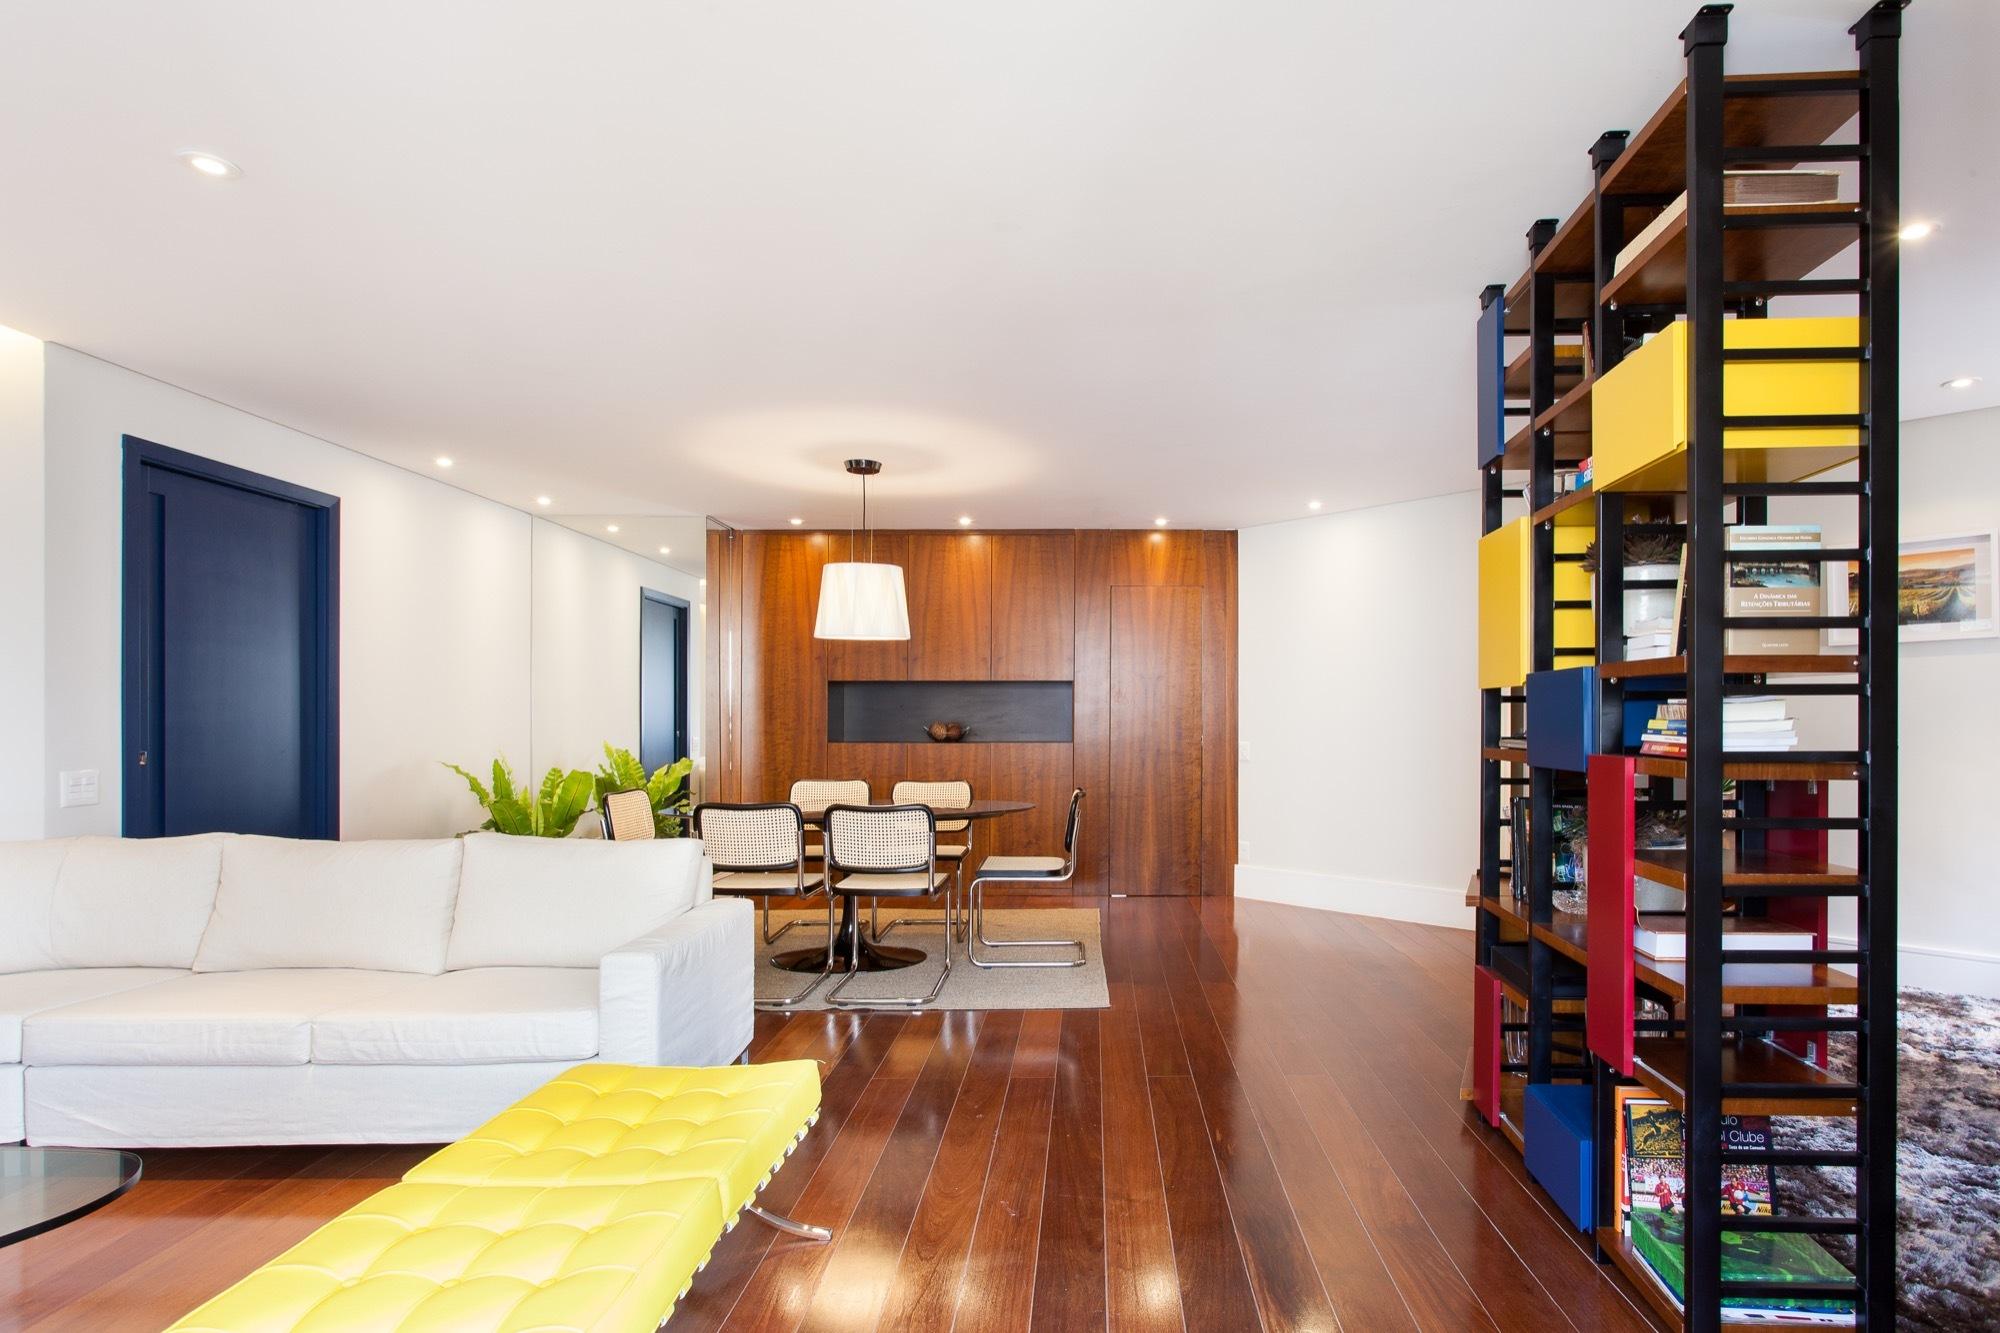 Apartamento Itaim / Manore Arquitetura